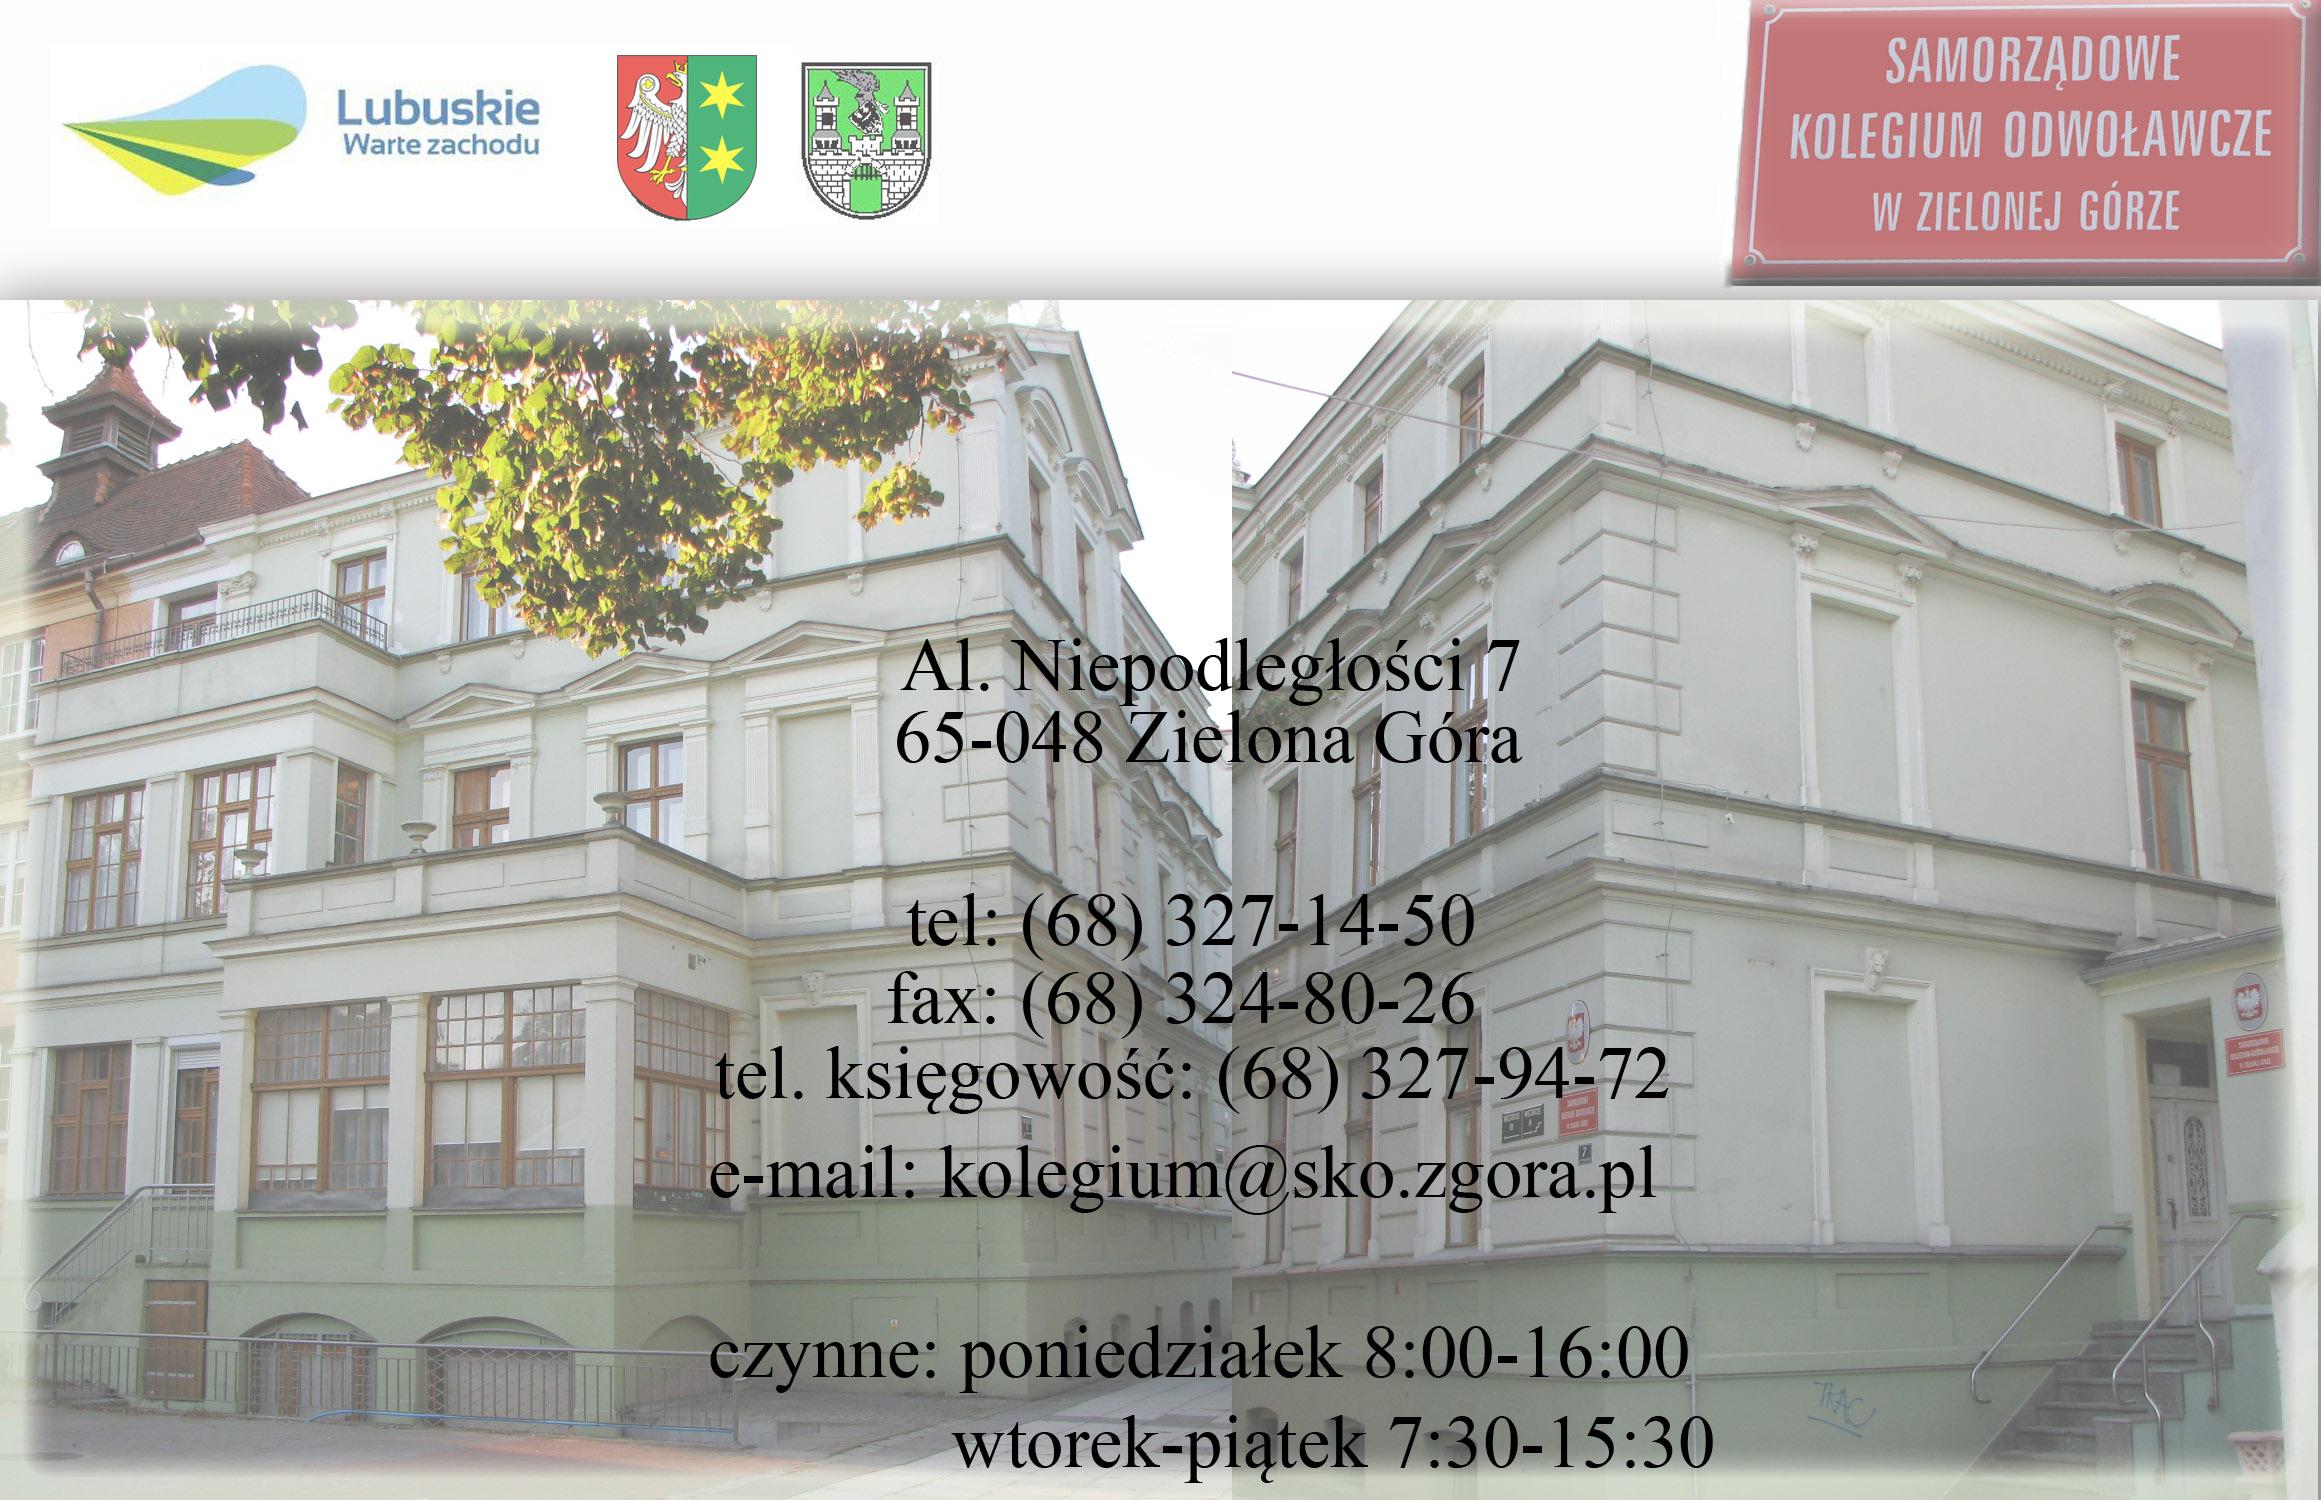 Samorządowe Kolegium Odwoławcze